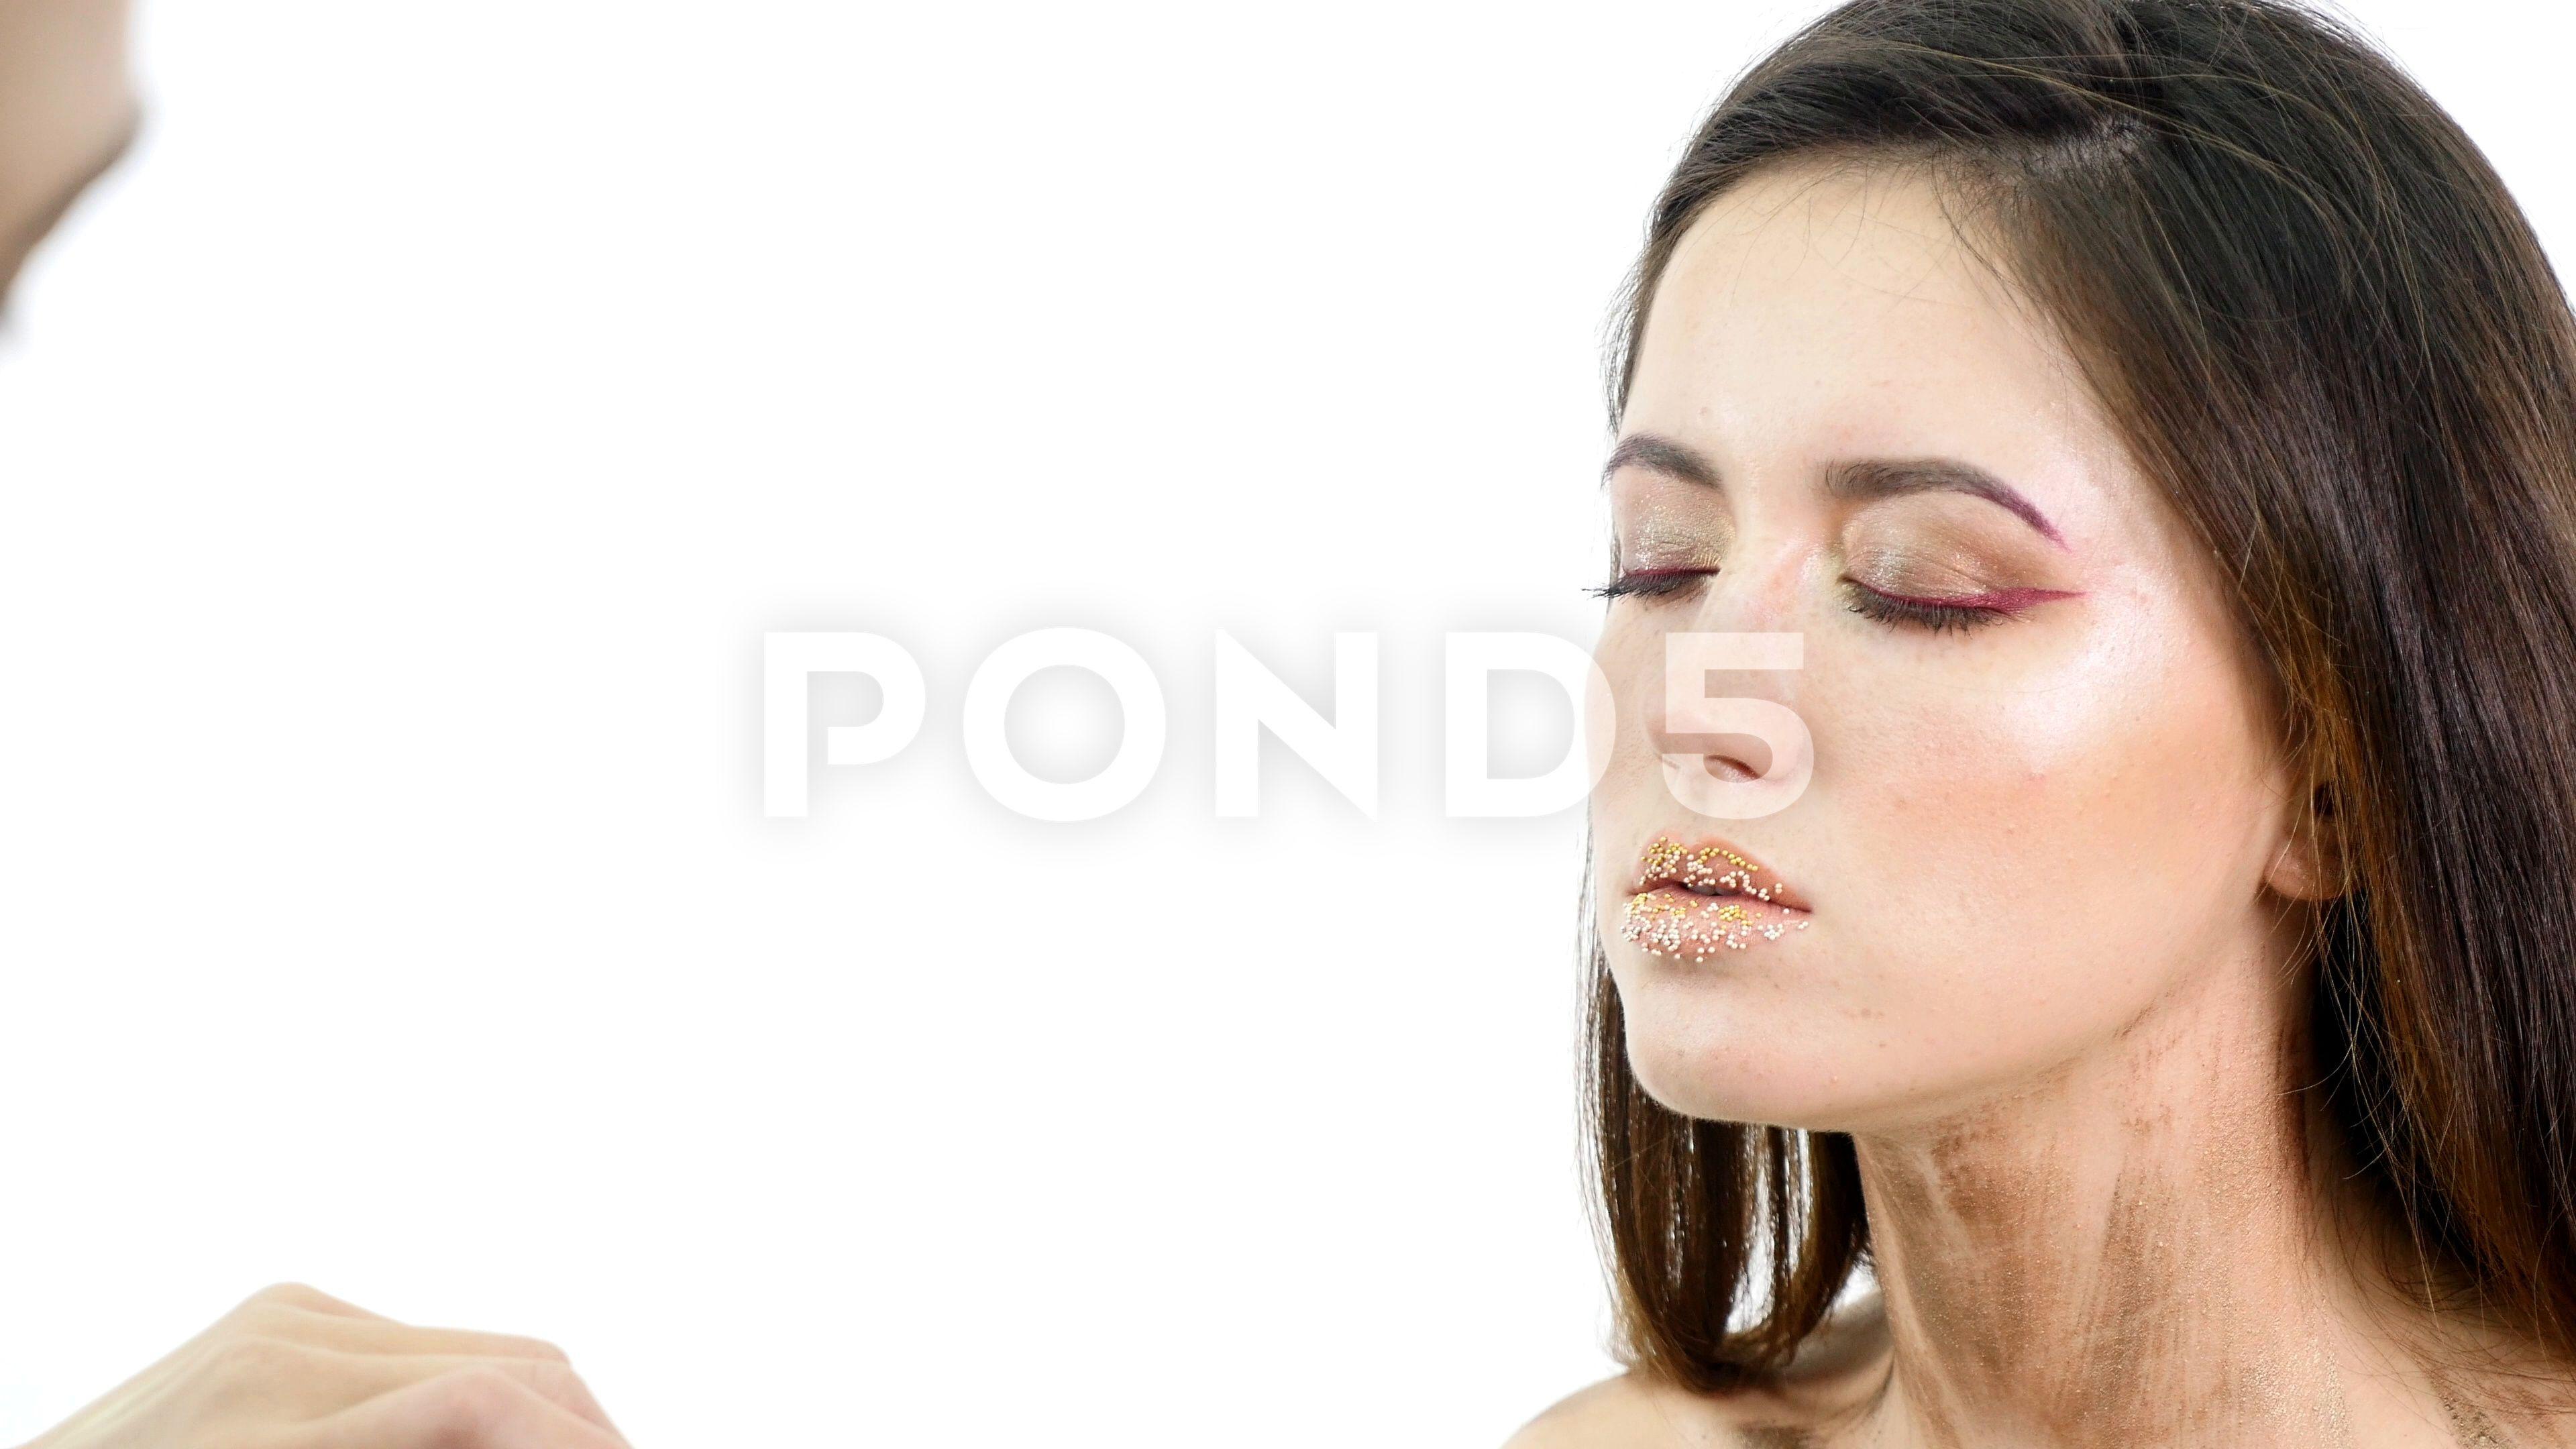 Make Up Artist Applying Eyelash Makeup To Models Eye Close Up View